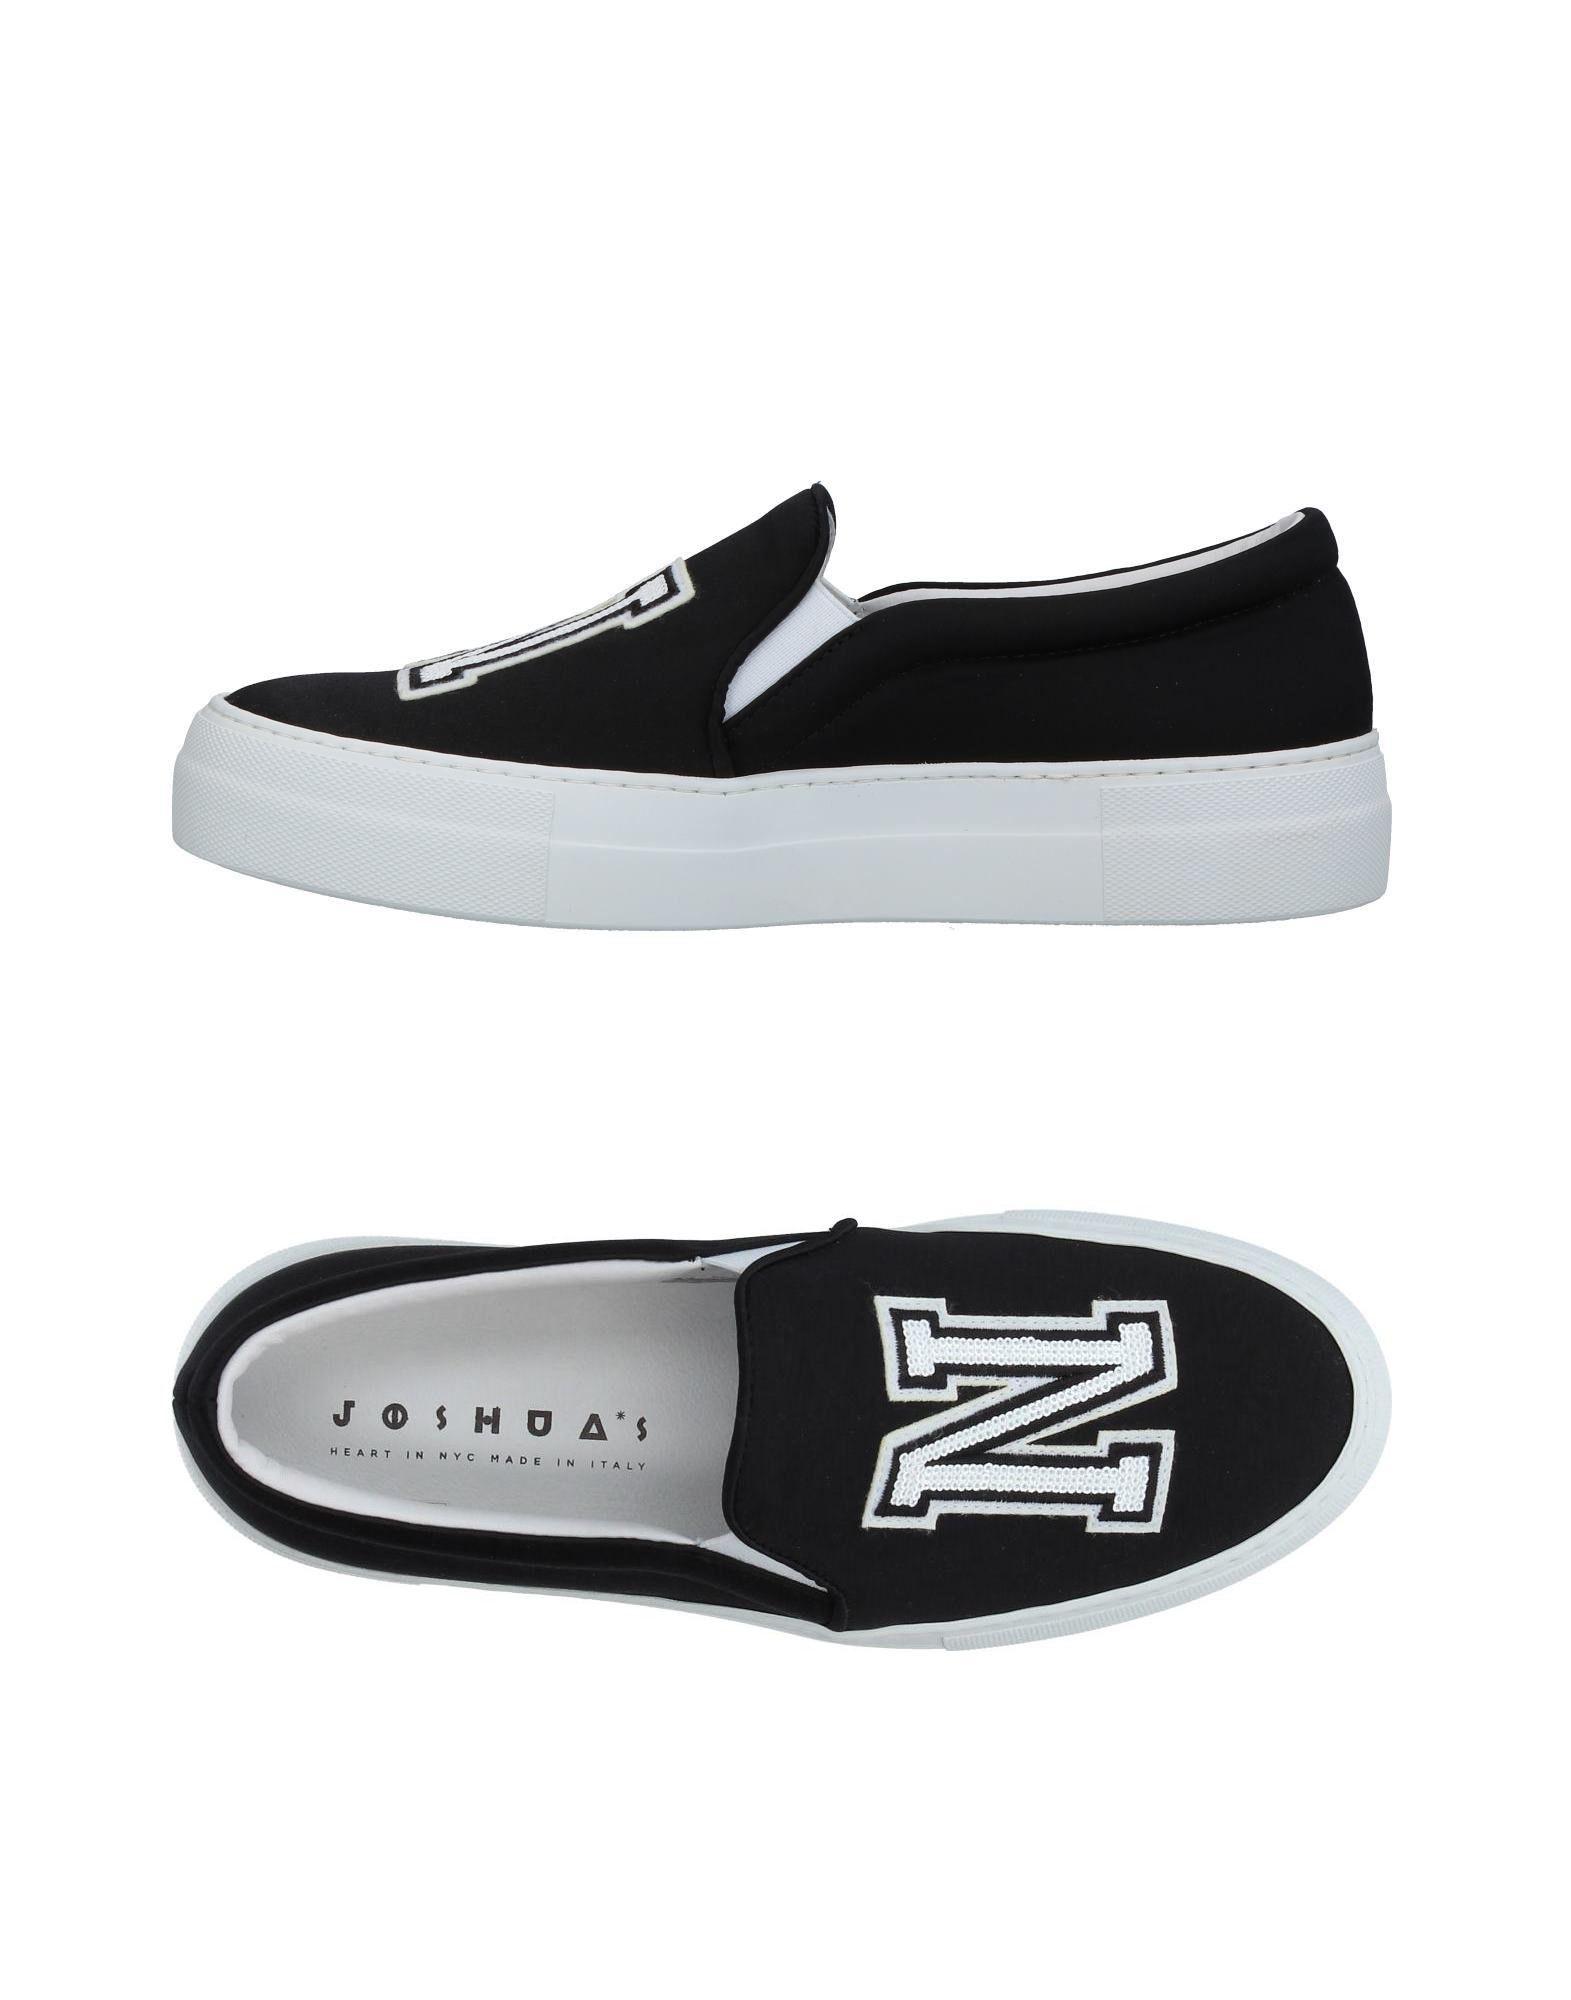 Moda Sneakers Joshua*S Donna - 11394445VE